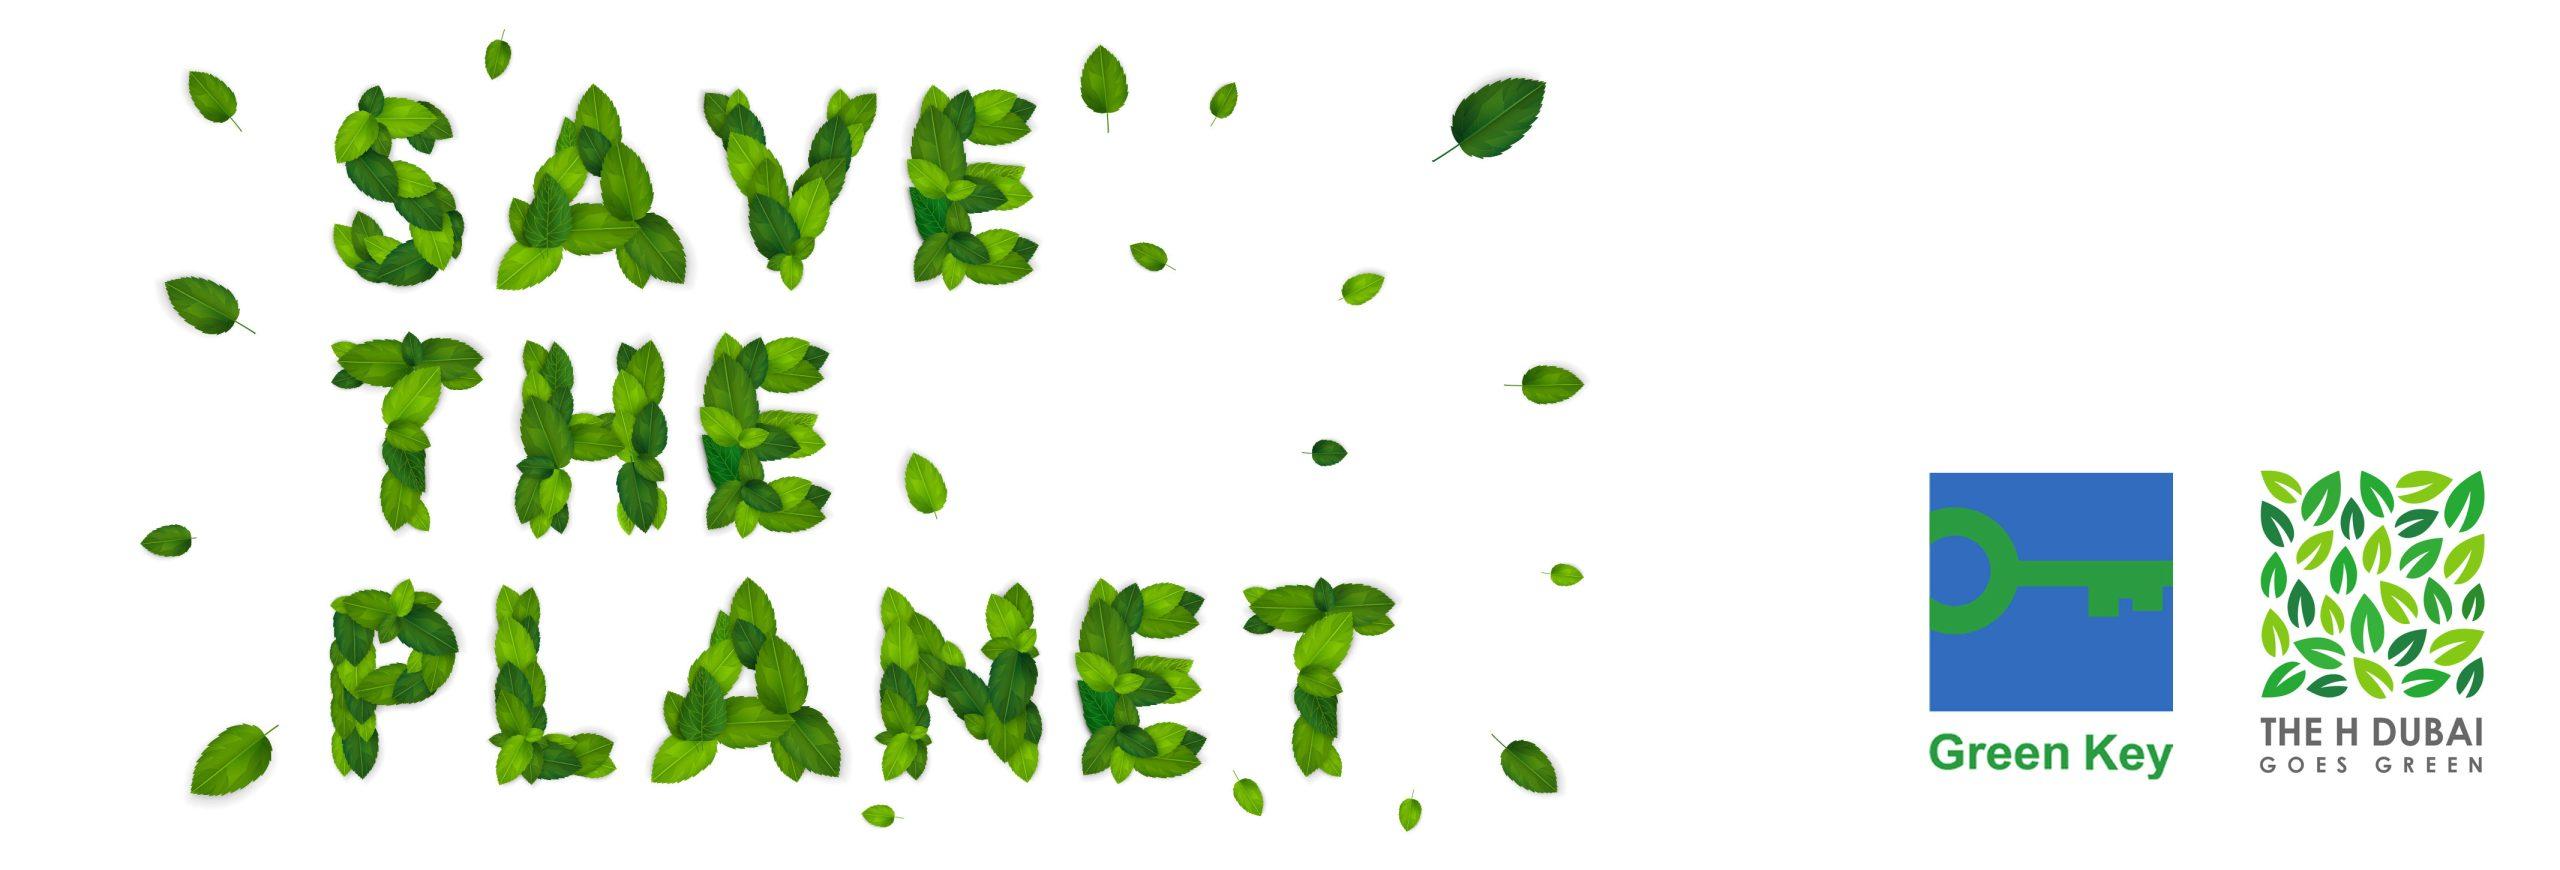 Go Green Key Iniative by H Hotel Dubai